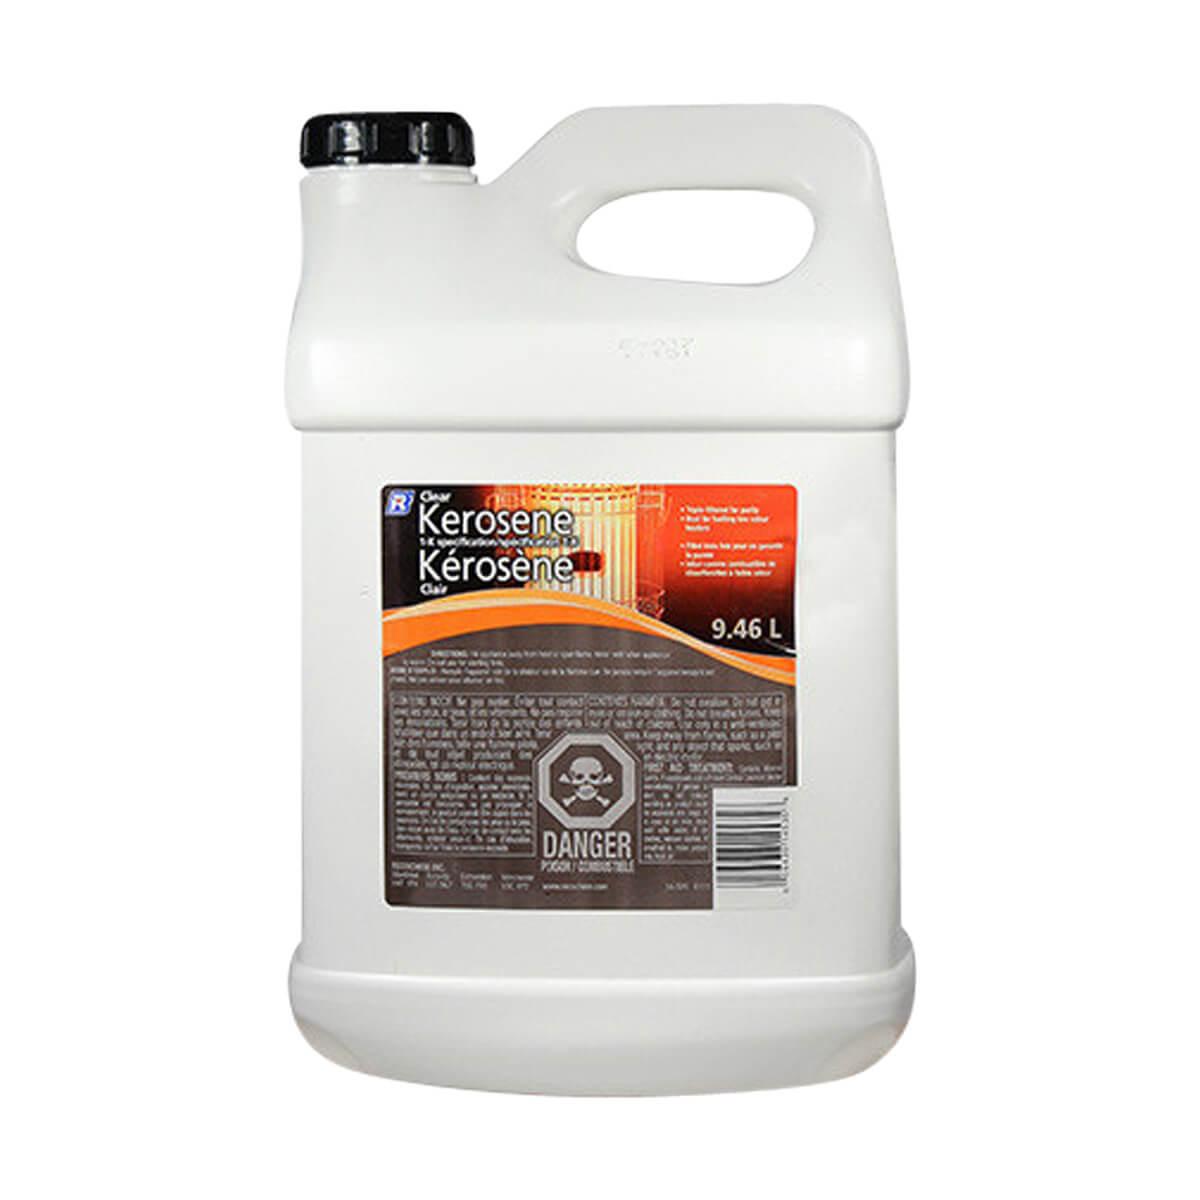 Kerosene - 205 litre